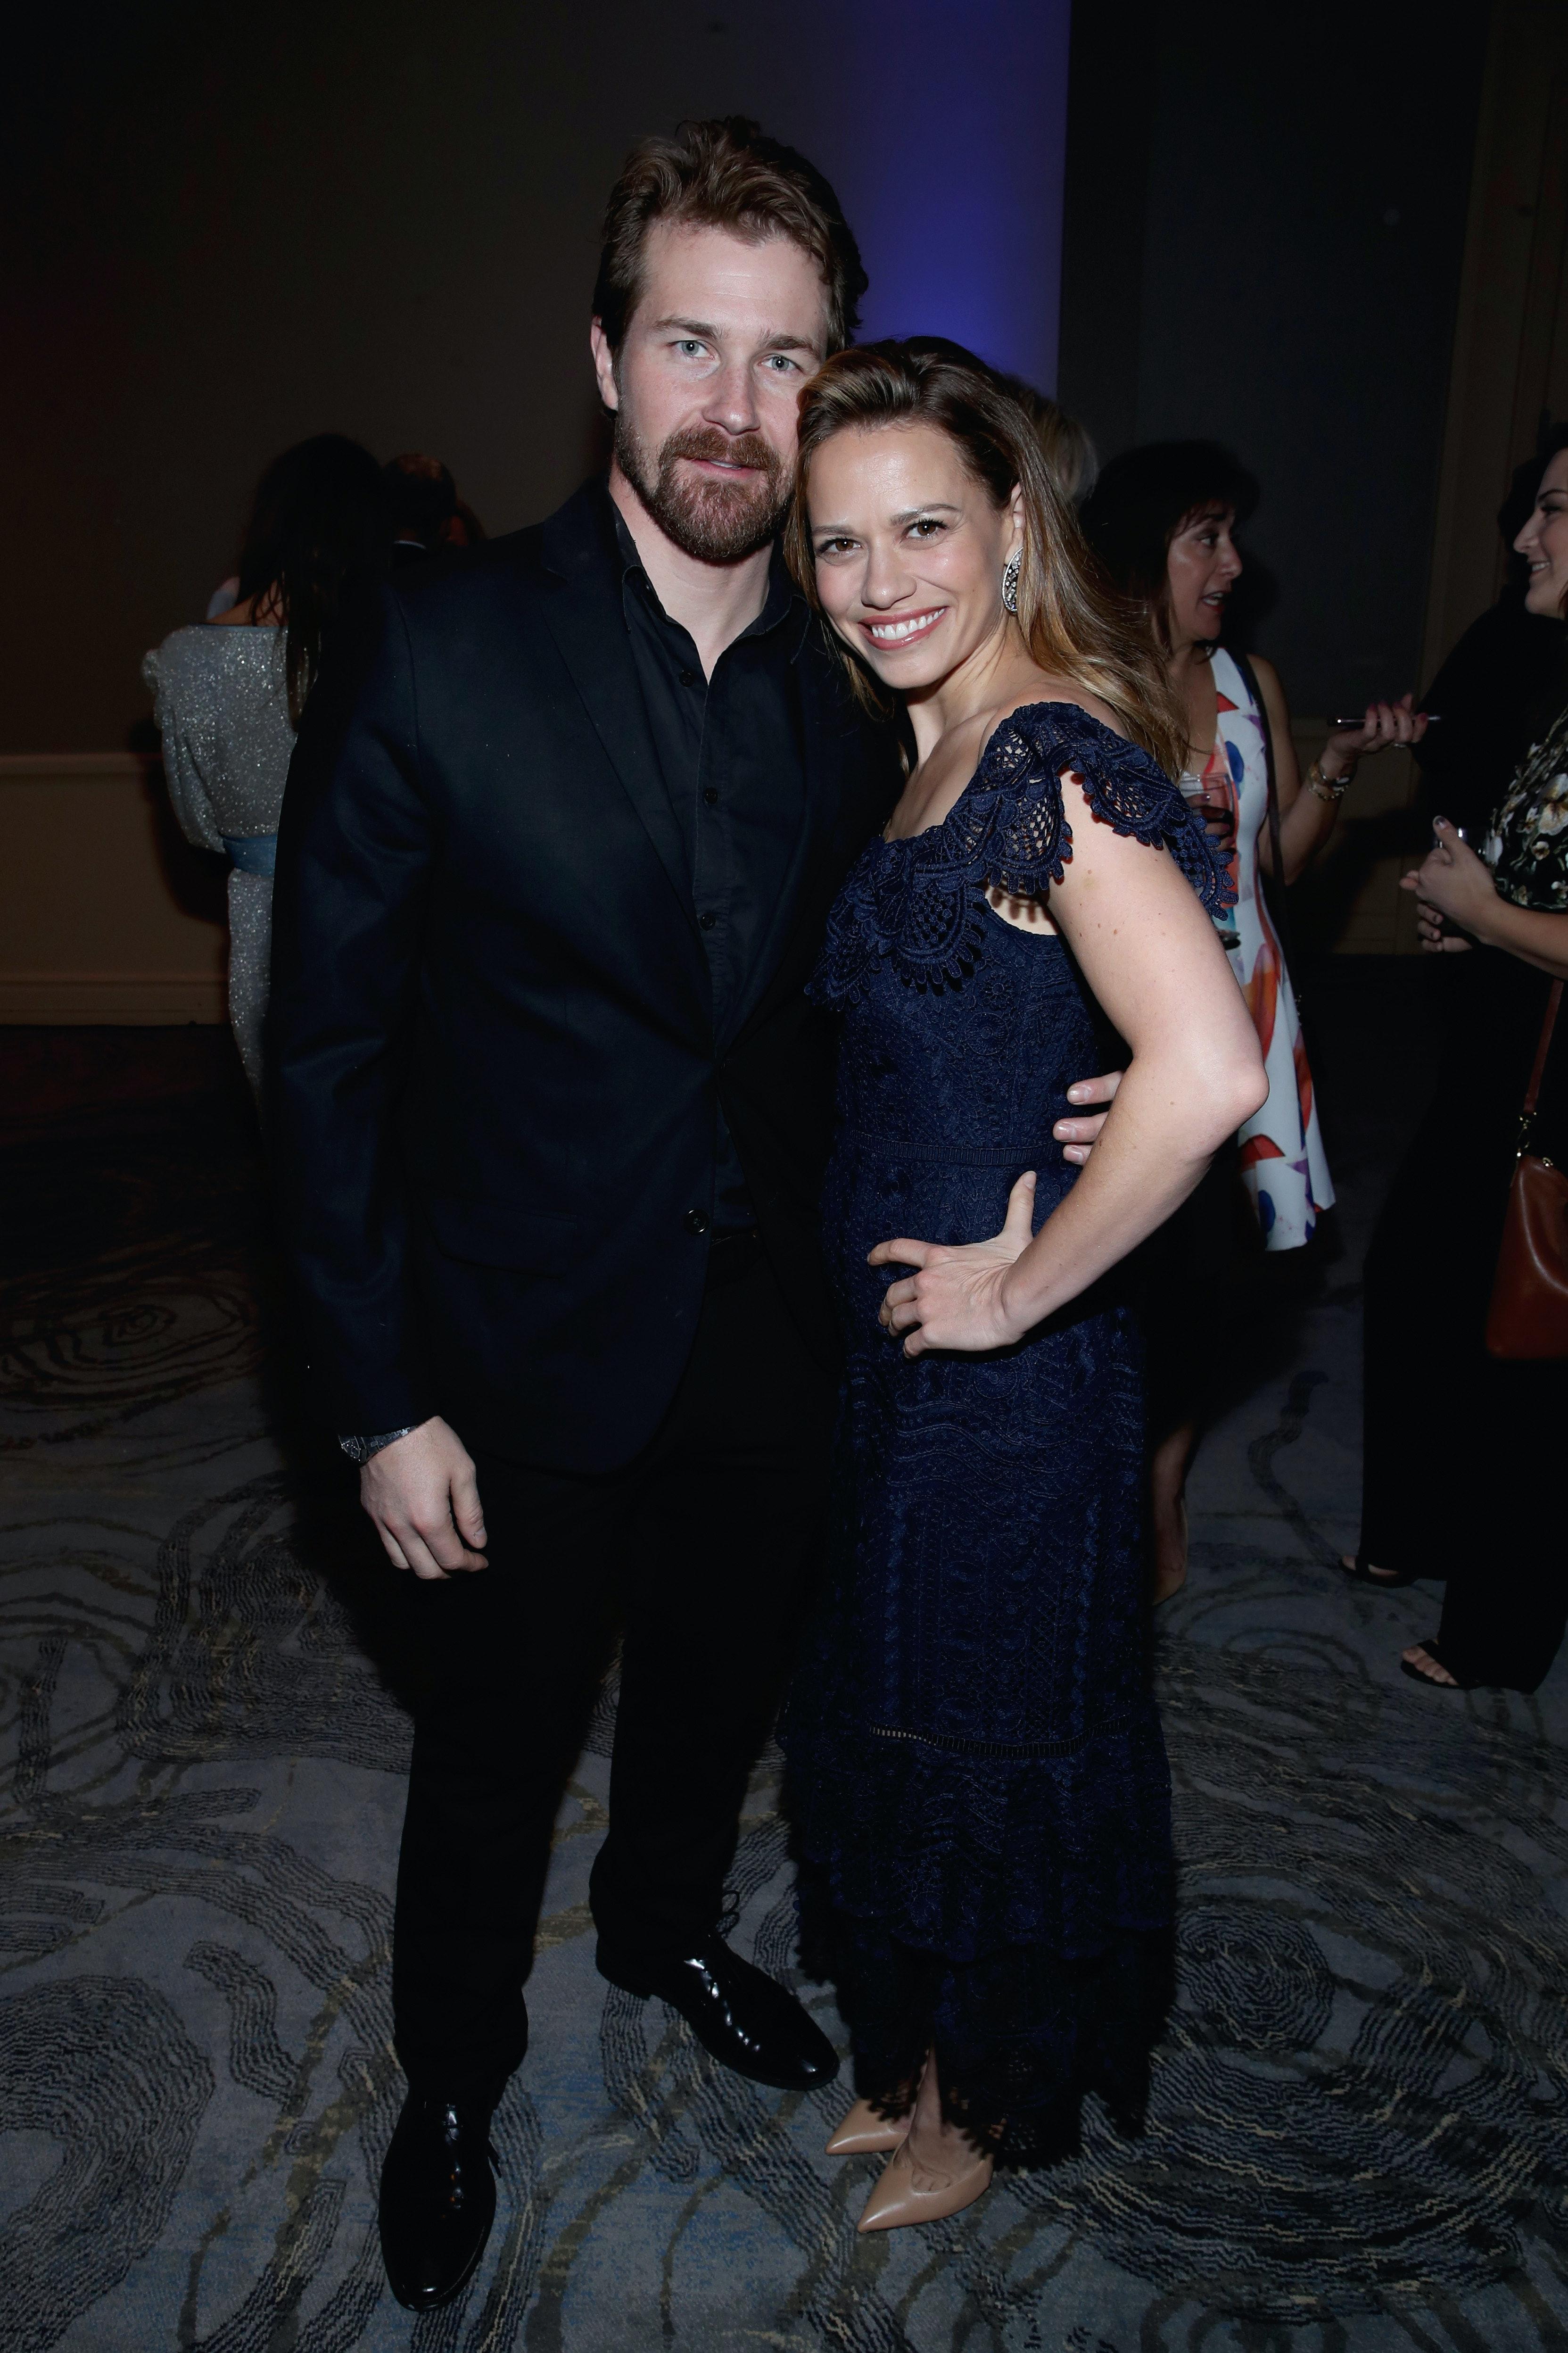 Michael och Kelly dating